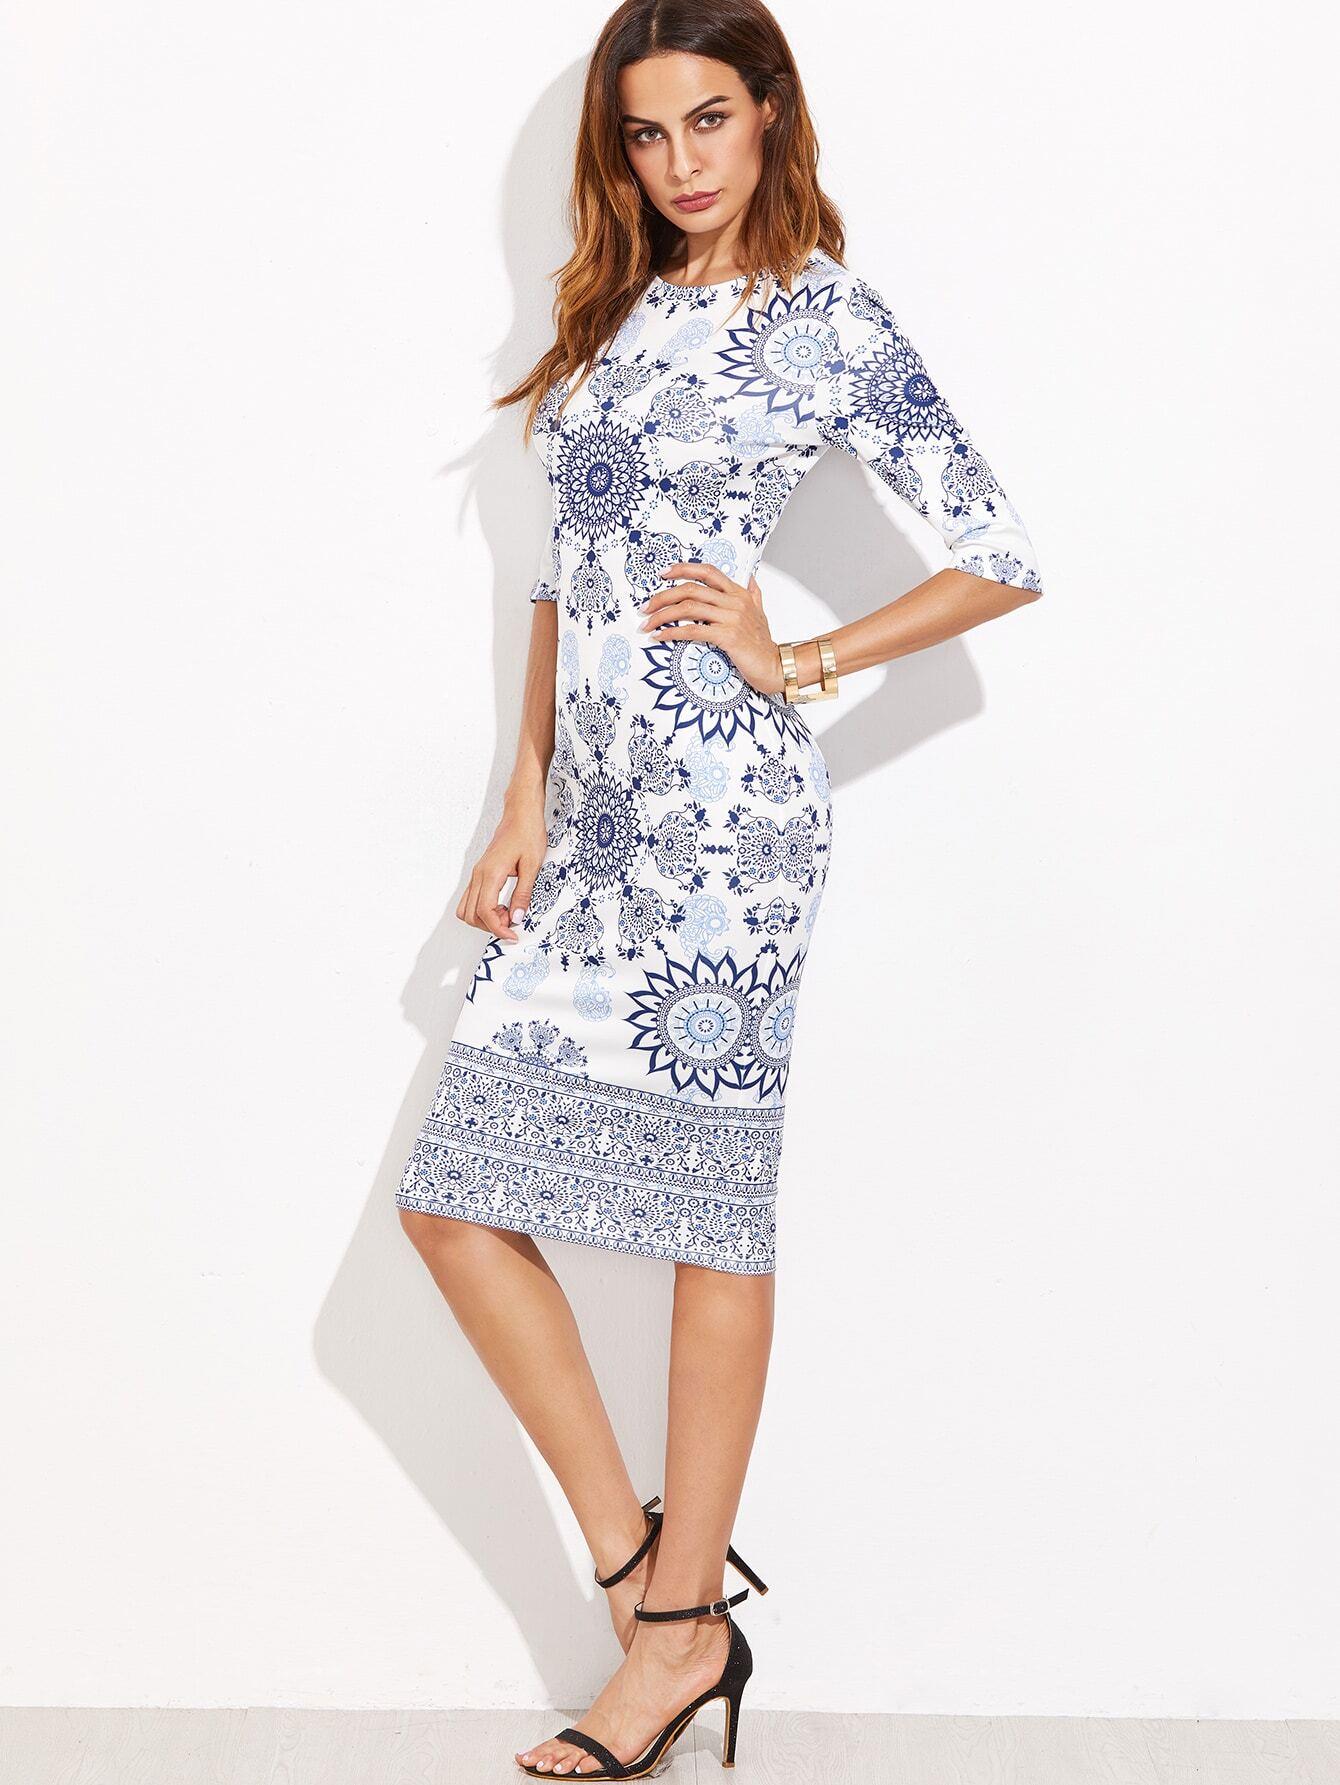 dress161025715_2